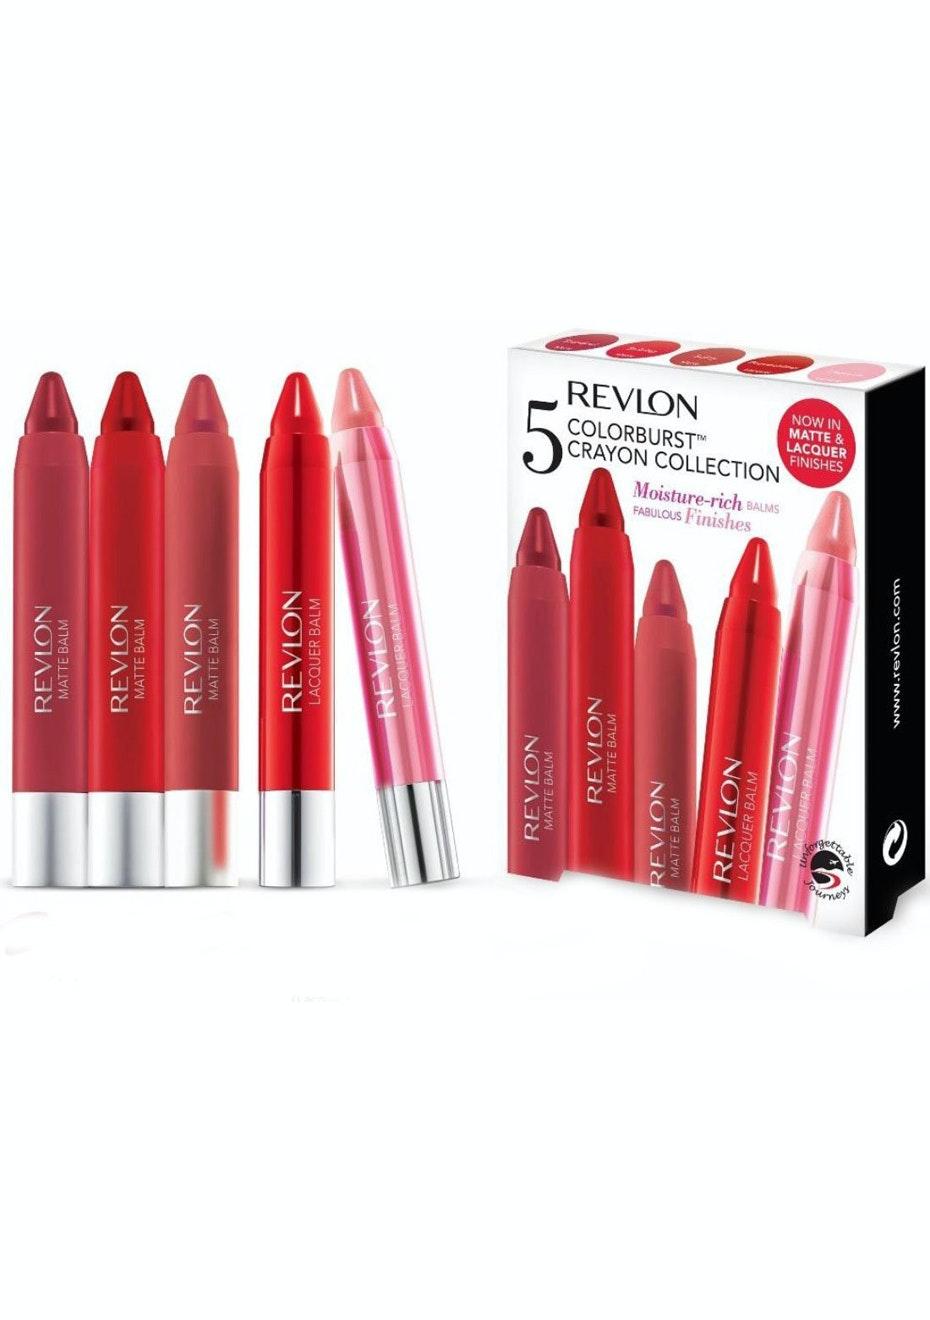 Revlon Colourburst 5pc Crayon Collection